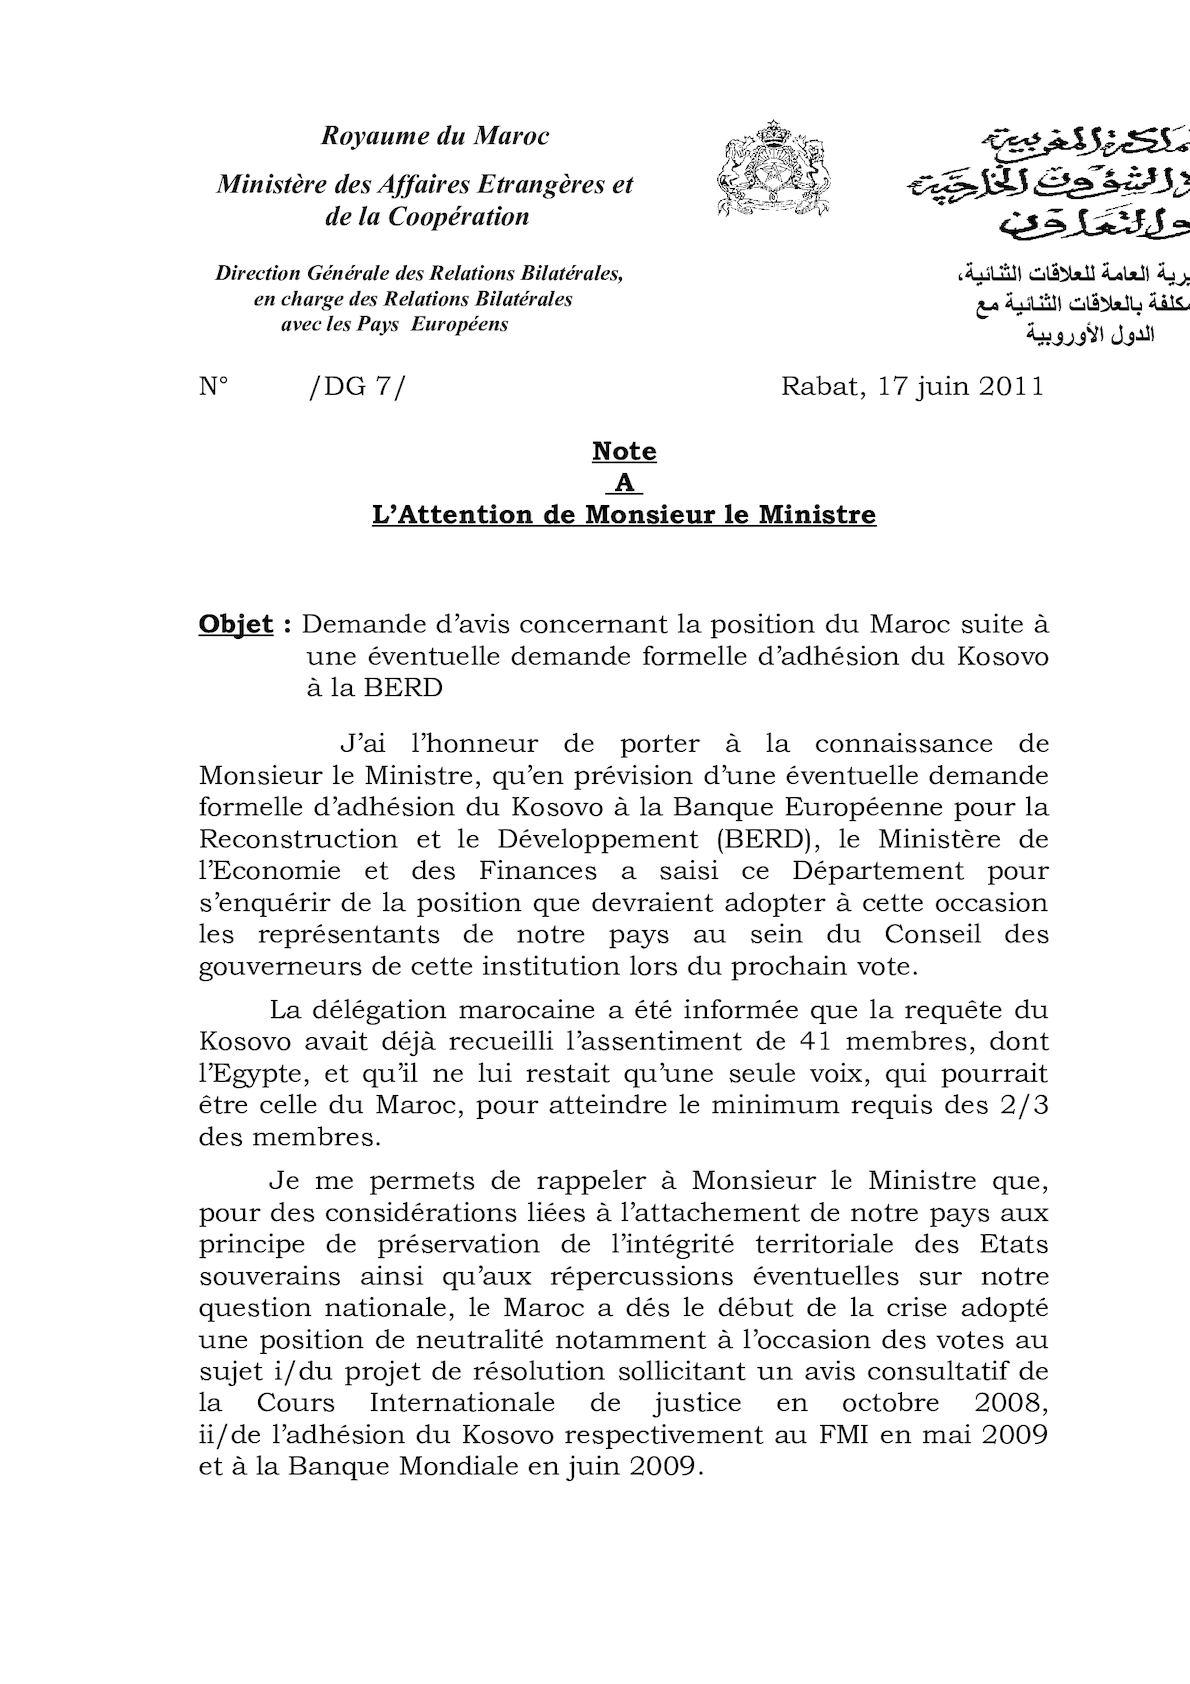 Note à Monsieur Le Ministre Kosovo BERD